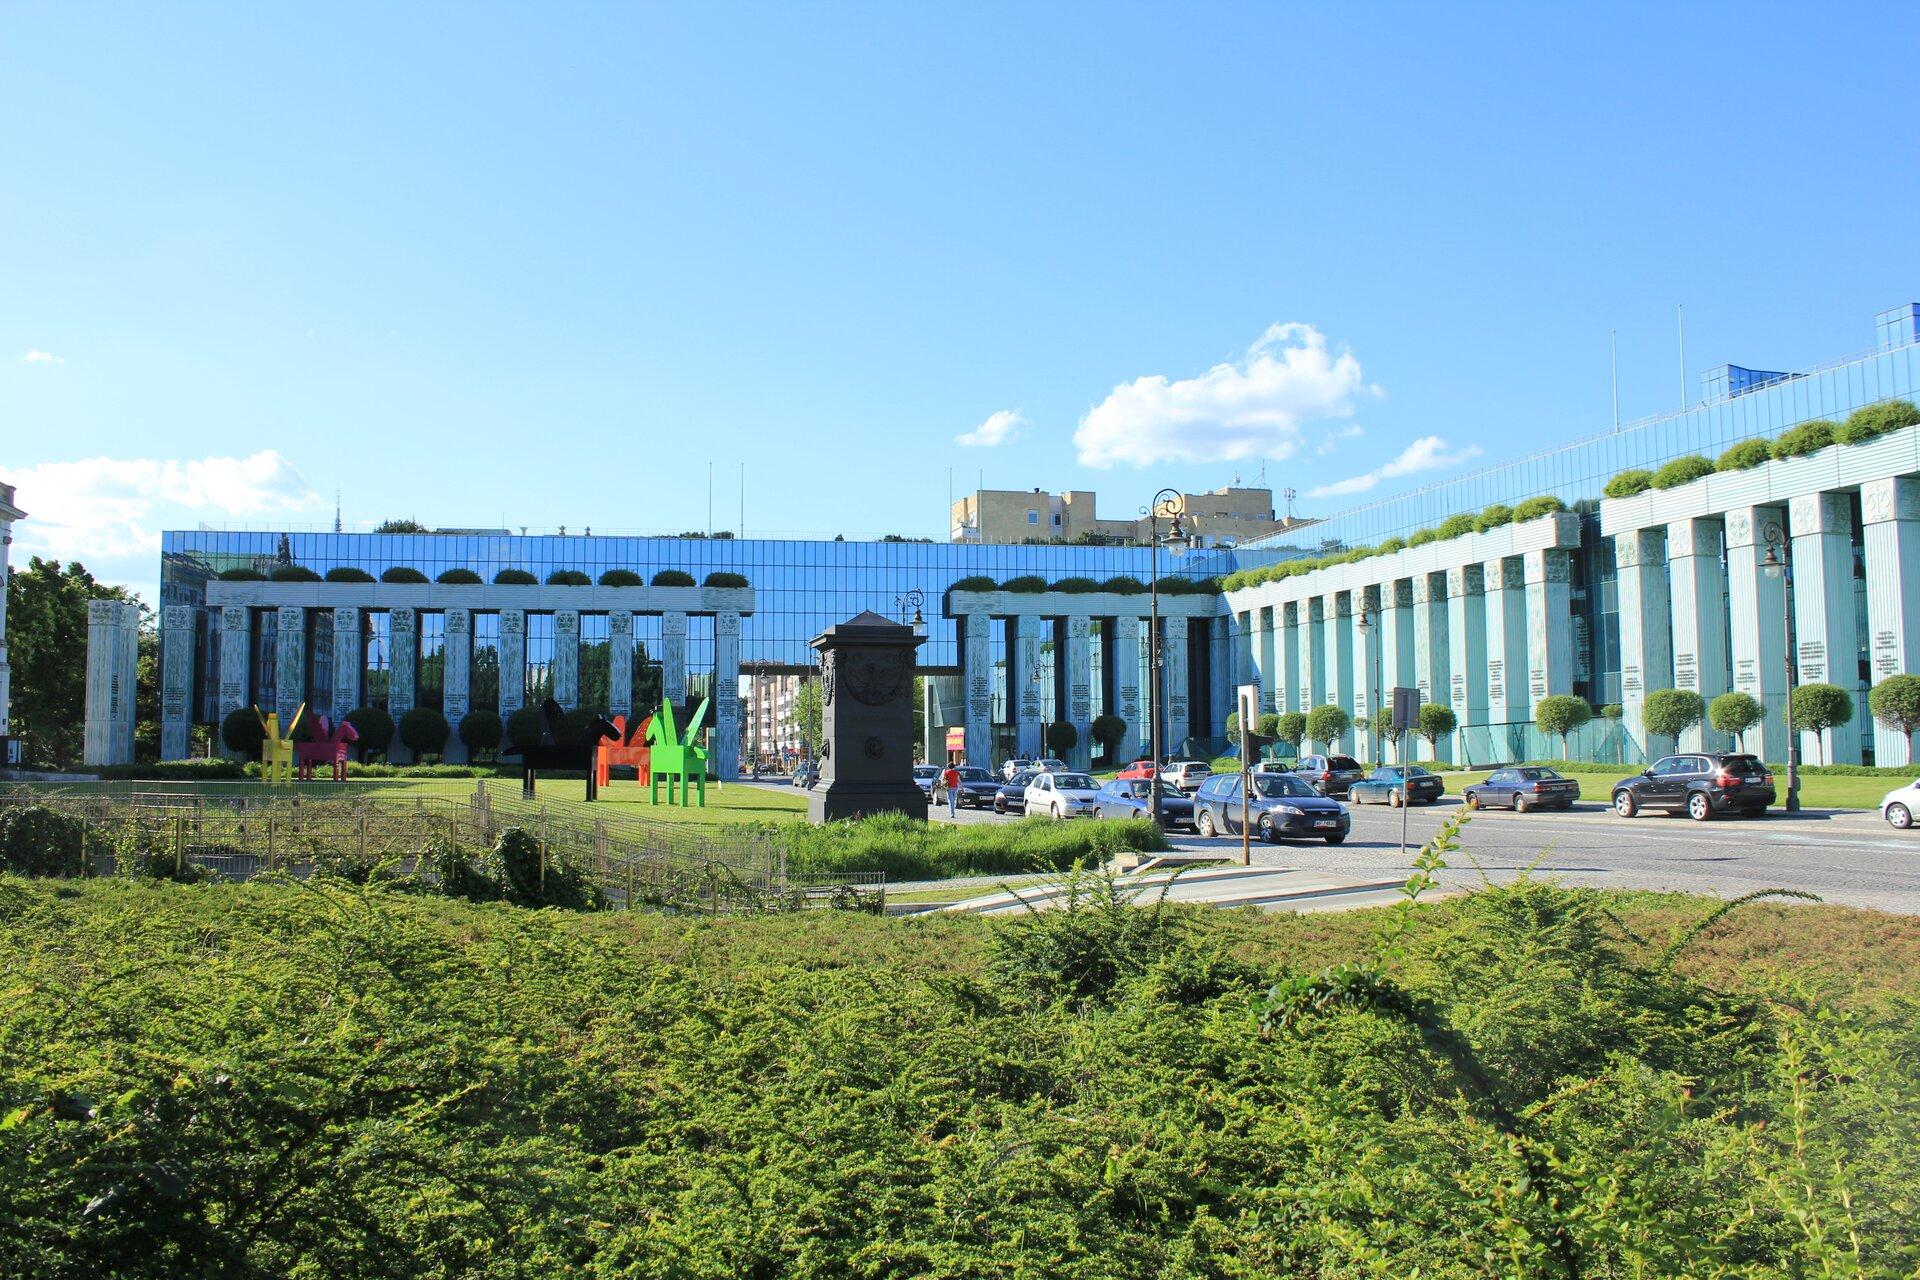 Kolorowe zdjęcie przedstawia budynek Sądu Najwyższego. Widok zprzodu. Po prawej stronie zdjęcia boczne skrzydło budynku. Wgłębi drugie skrzydło budynku, przodem do obserwatora zdjęcia. Budynek kilkupiętrowy ze szkła ibetonu. Wzdłuż fasady budynku wysokie pionowe kolumny zbetonu. Kolumny wkształcie prostopadłościanów. Pomiędzy kolumnami szklana ściana. Kolumny oddalone od siebie co dwa okna. Przed budynkiem duży park. Zielone trawniki. Na środku czarny kamienny pomnik wkształcie prostopadłościanu. Na lewo od pomnika kolorowe rzeźby pegaza. 3 pegazy wkolorach: zielnym, czerwonym, różowym iżółtym. Wzdłuż drogi dojazdowej zaparkowane samochody osobowe